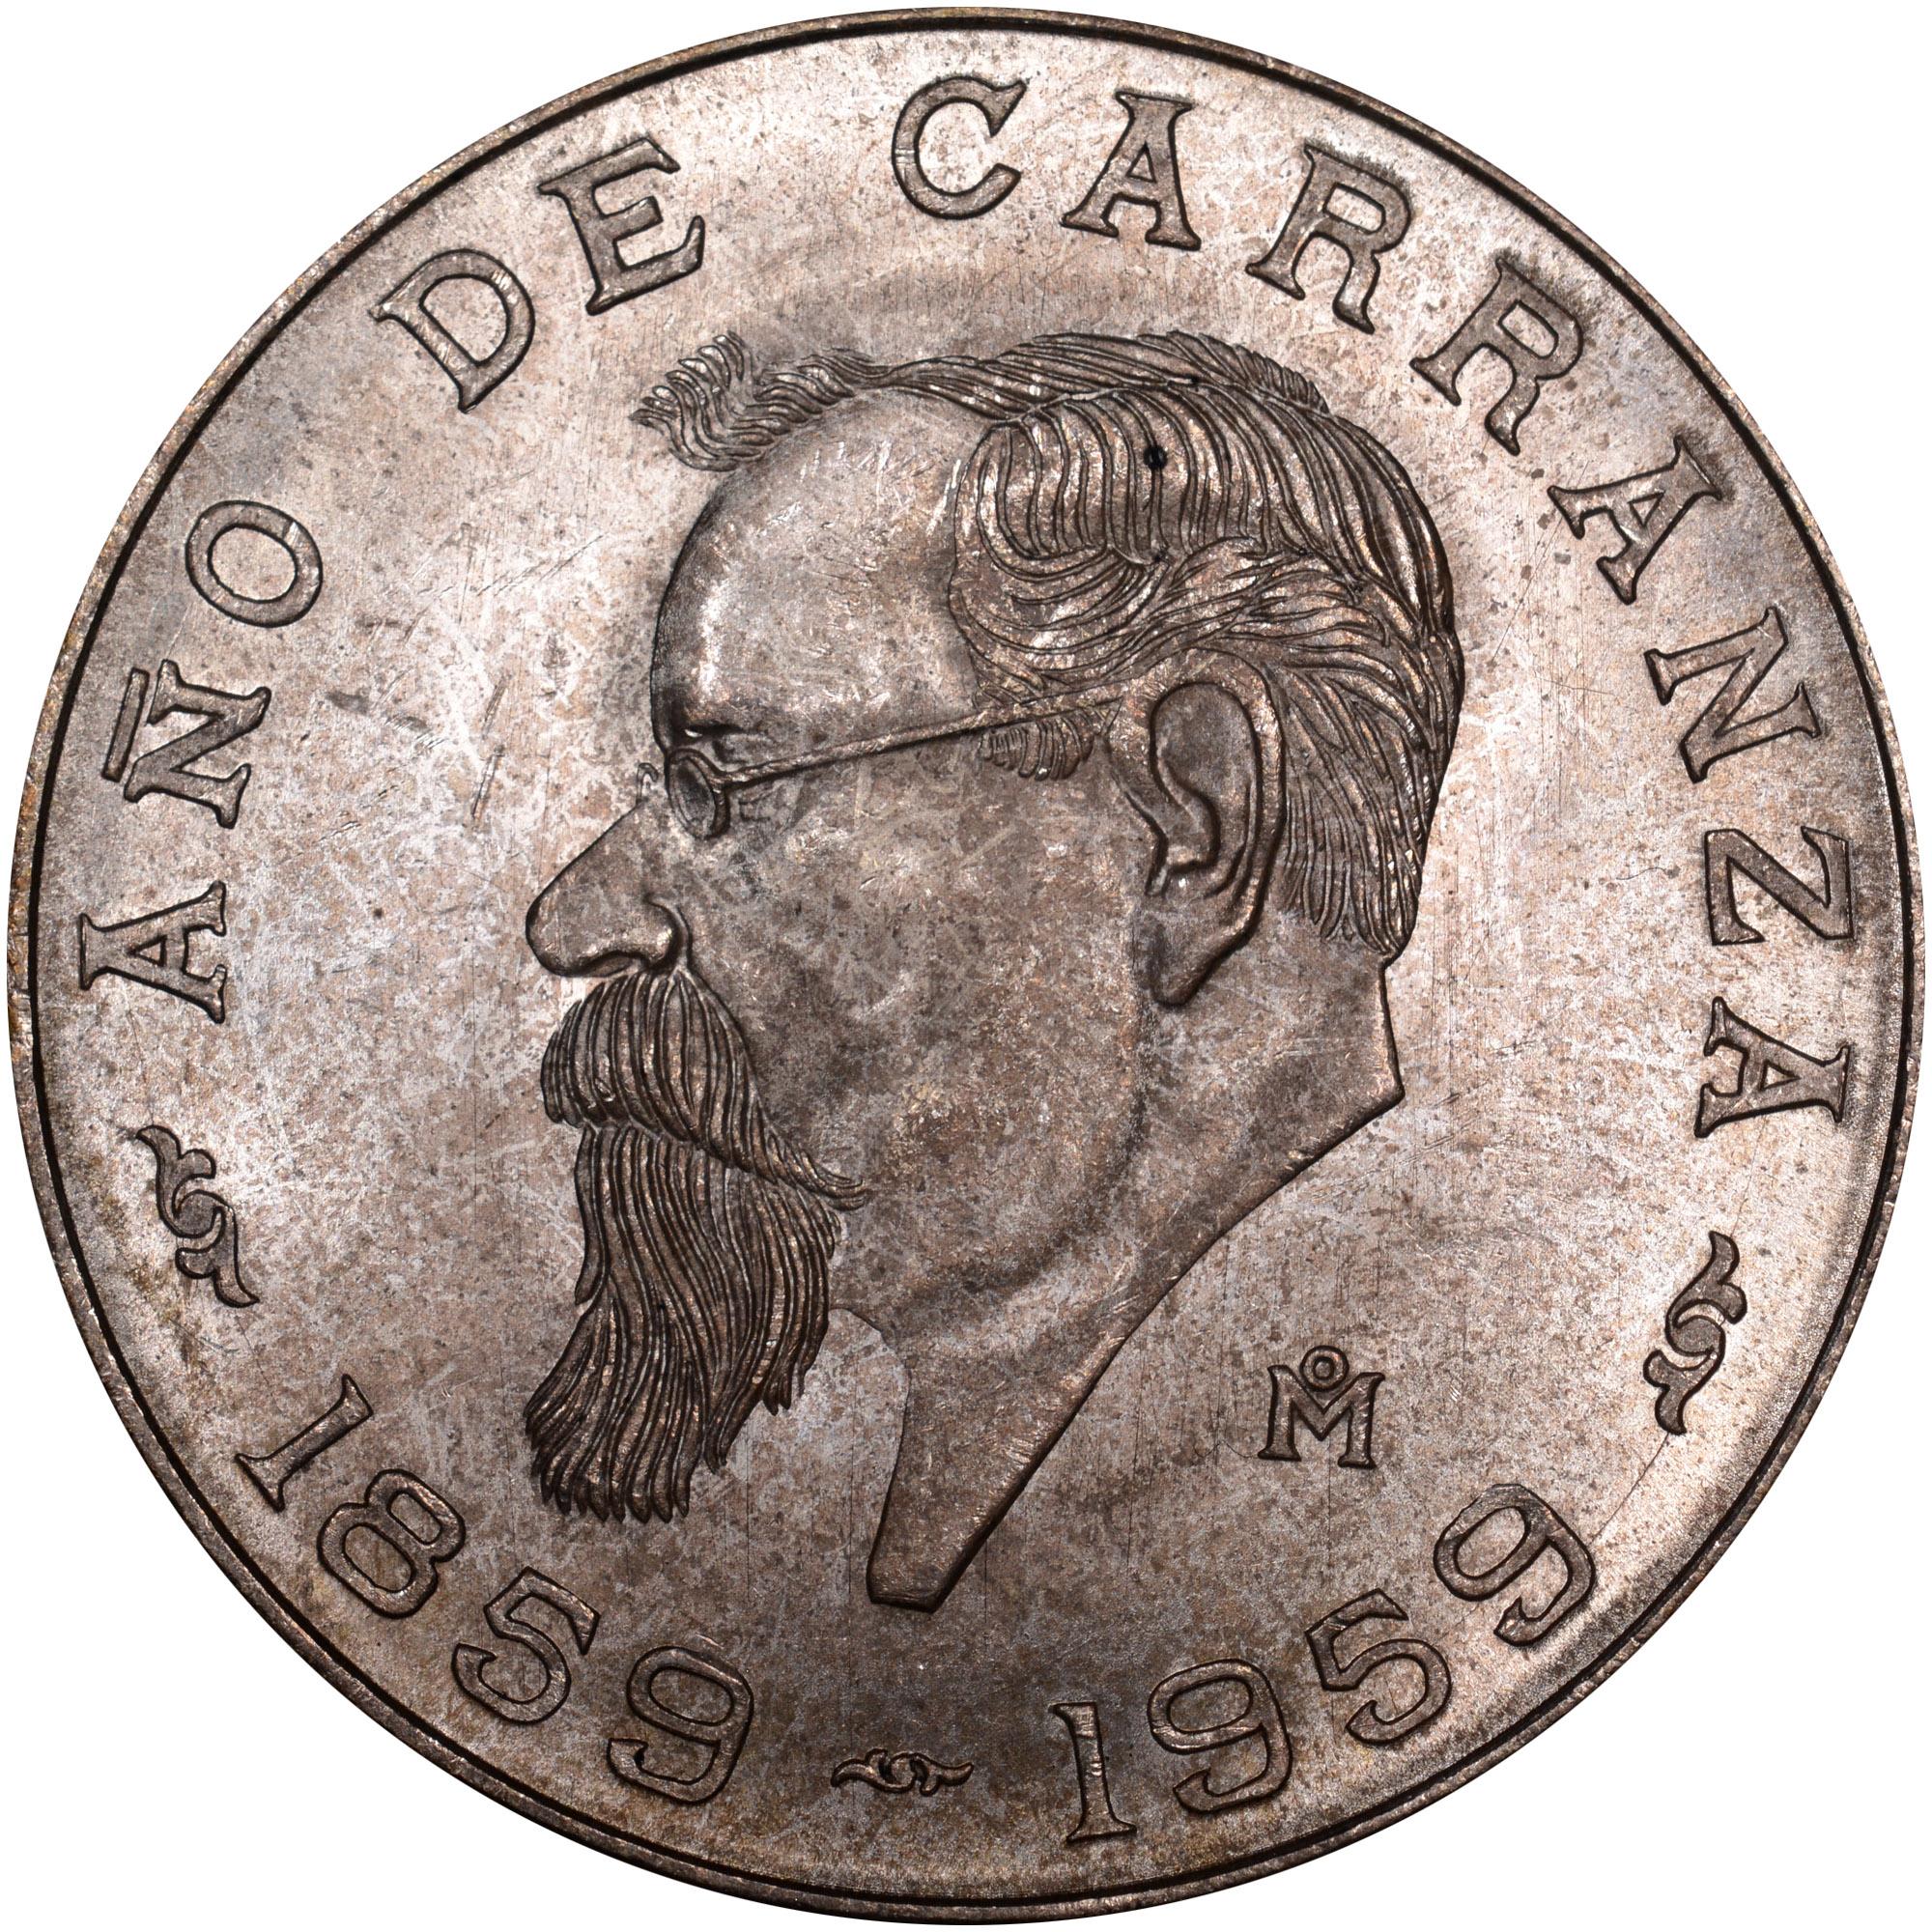 1959 Mexico 5 Pesos reverse